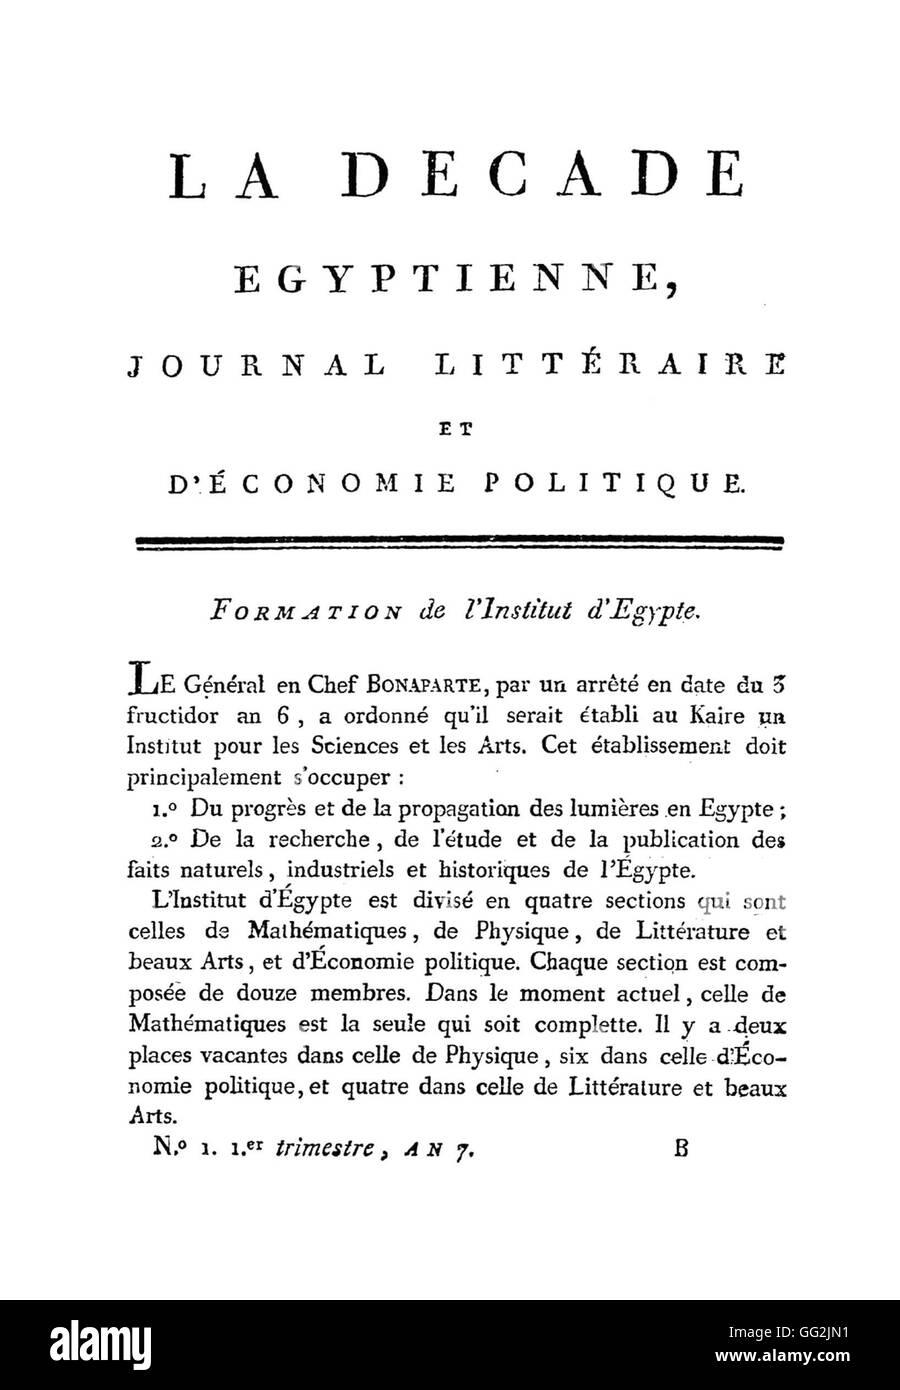 La Décade Egyptienne. Literarische Zeitschrift über Wirtschaftspolitik. N ° 1.  Le Caire, Imprimerie Stockbild